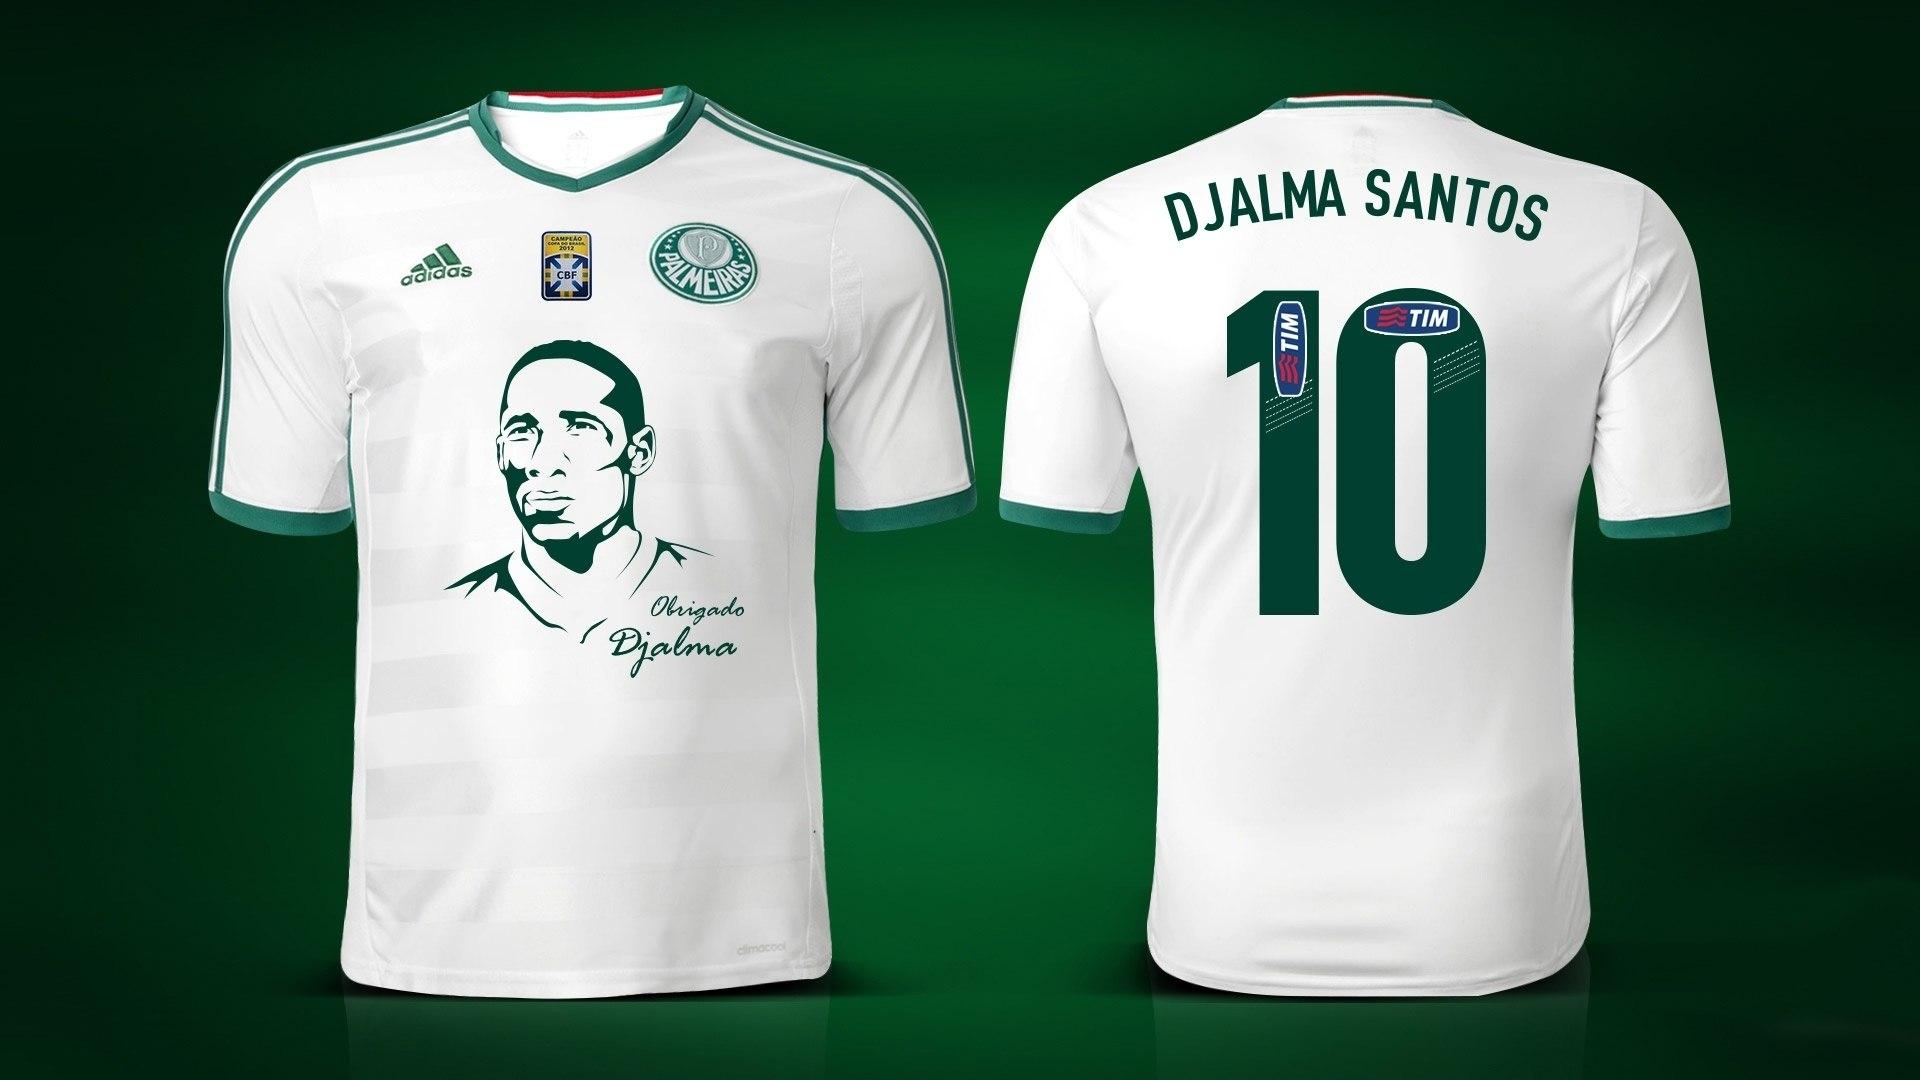 ce65051cd0 Suposta camisa do centenário do Palmeiras vaza na internet - Fotos - R7  Esportes